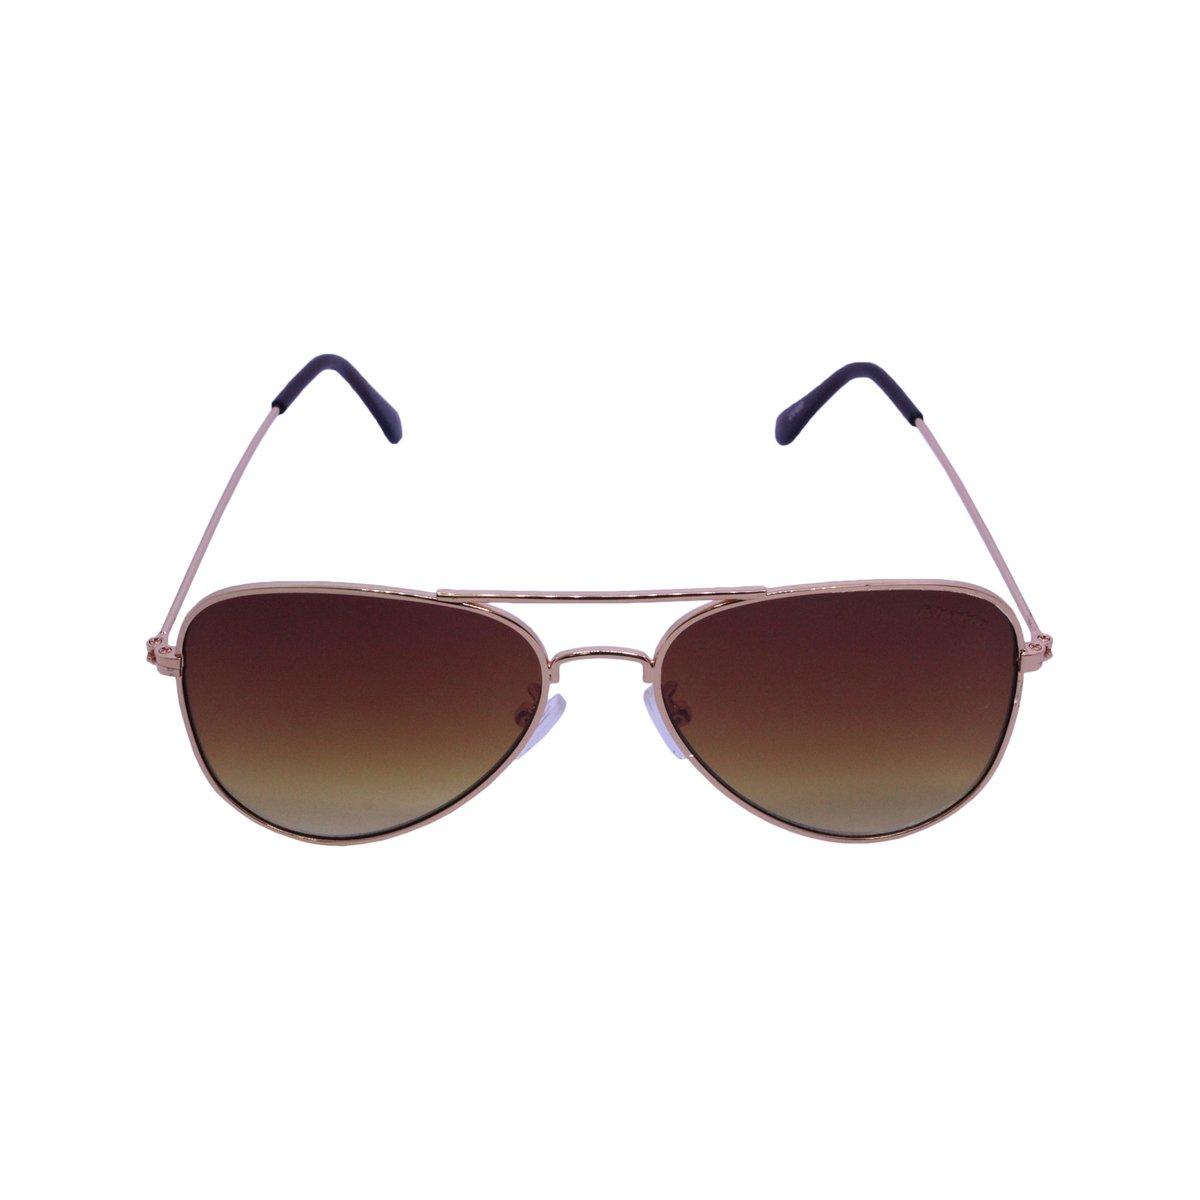 3894ebcf0 Óculos solar em Metal estilo aviador Khatto KT0807DRDLVRD | Netshoes